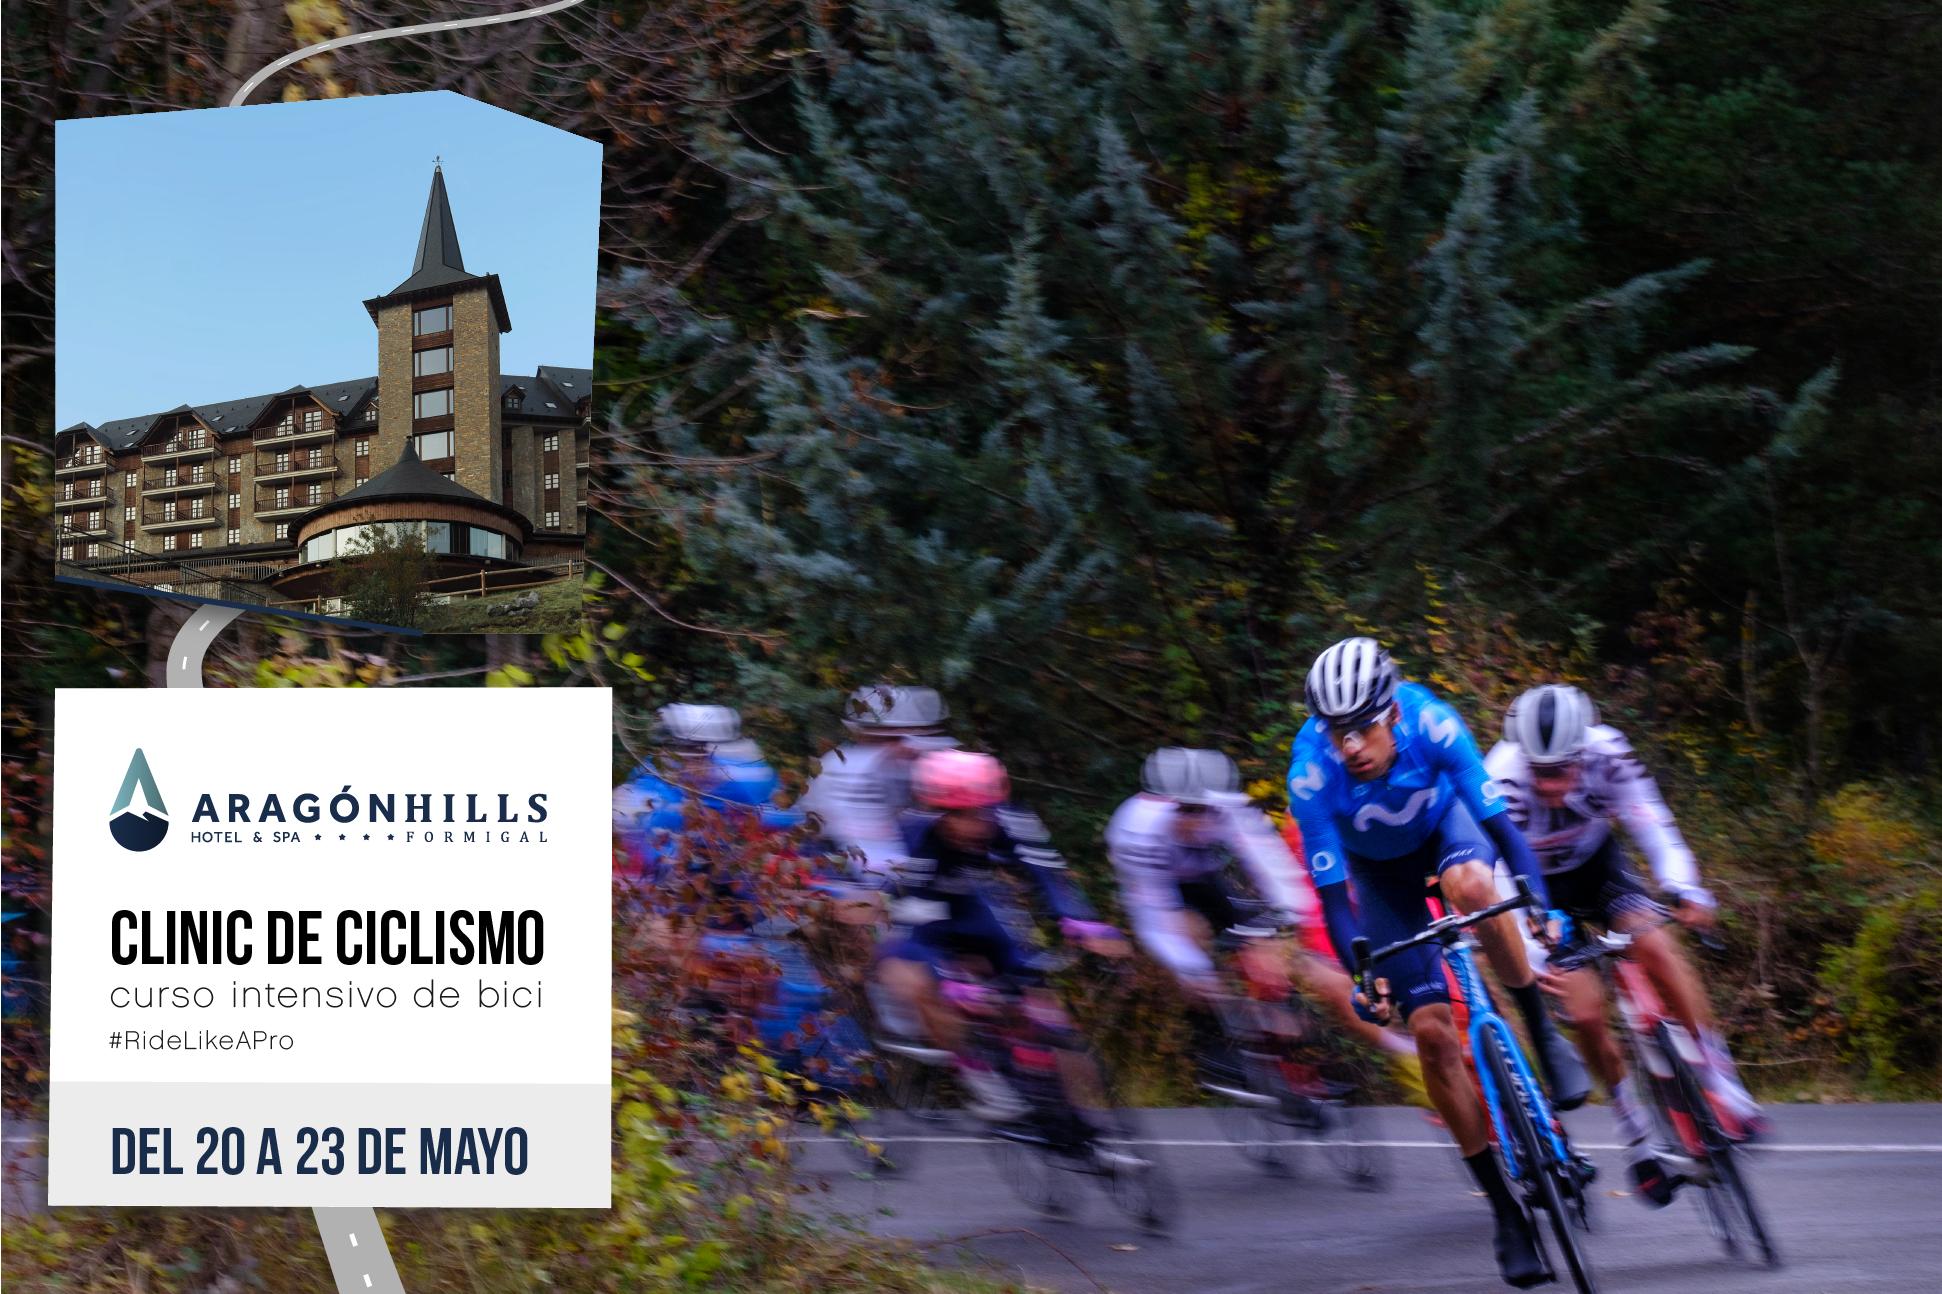 clinic de ciclismo en el Pirineo aragonés